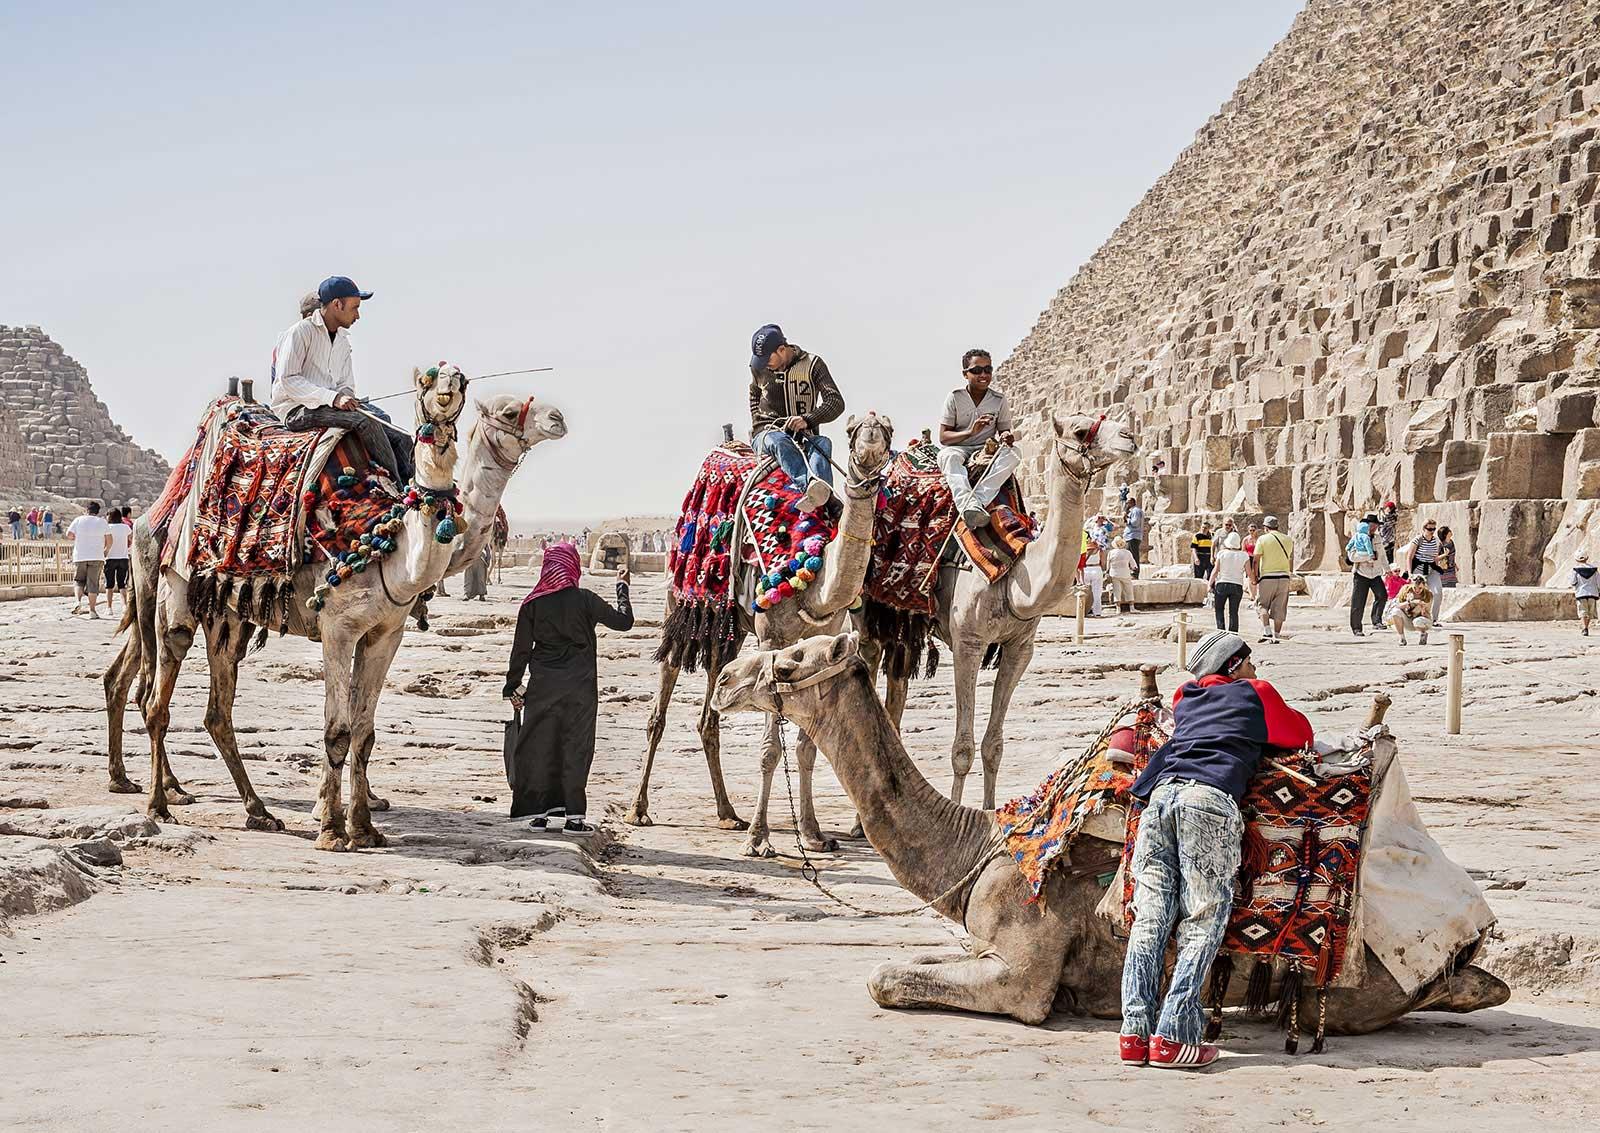 Cairo camel rides